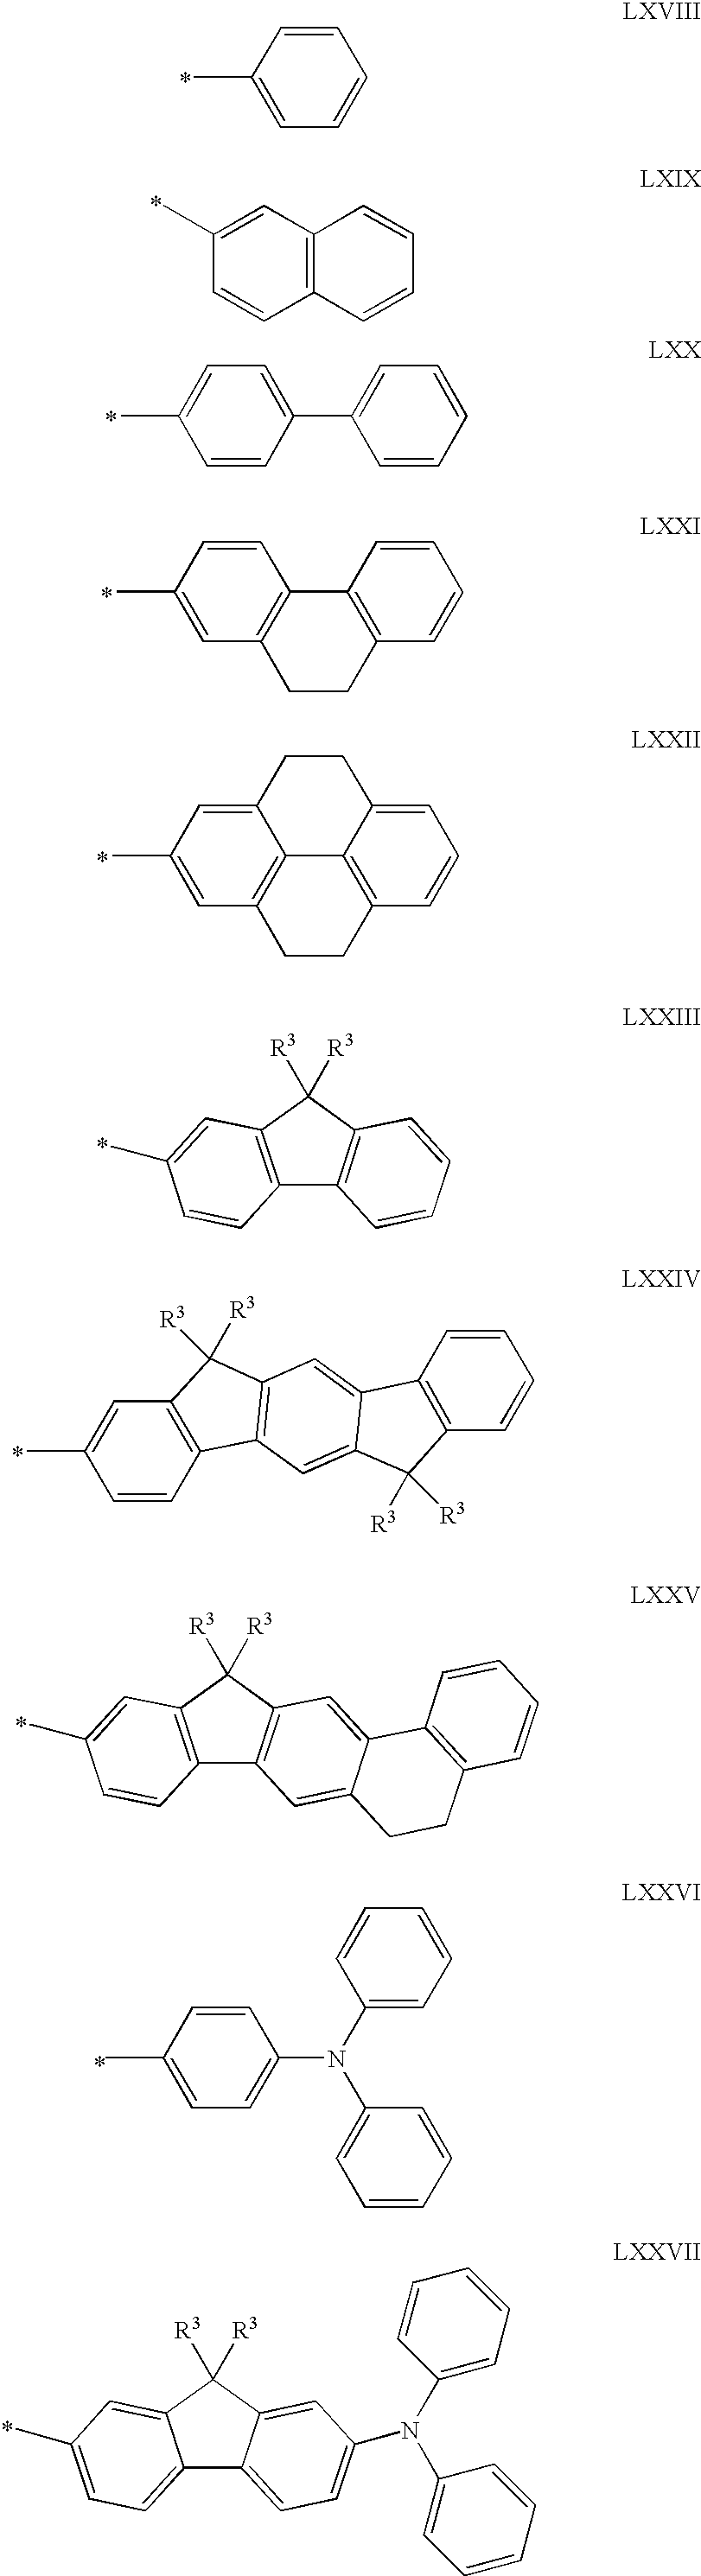 Figure US20040062930A1-20040401-C00017